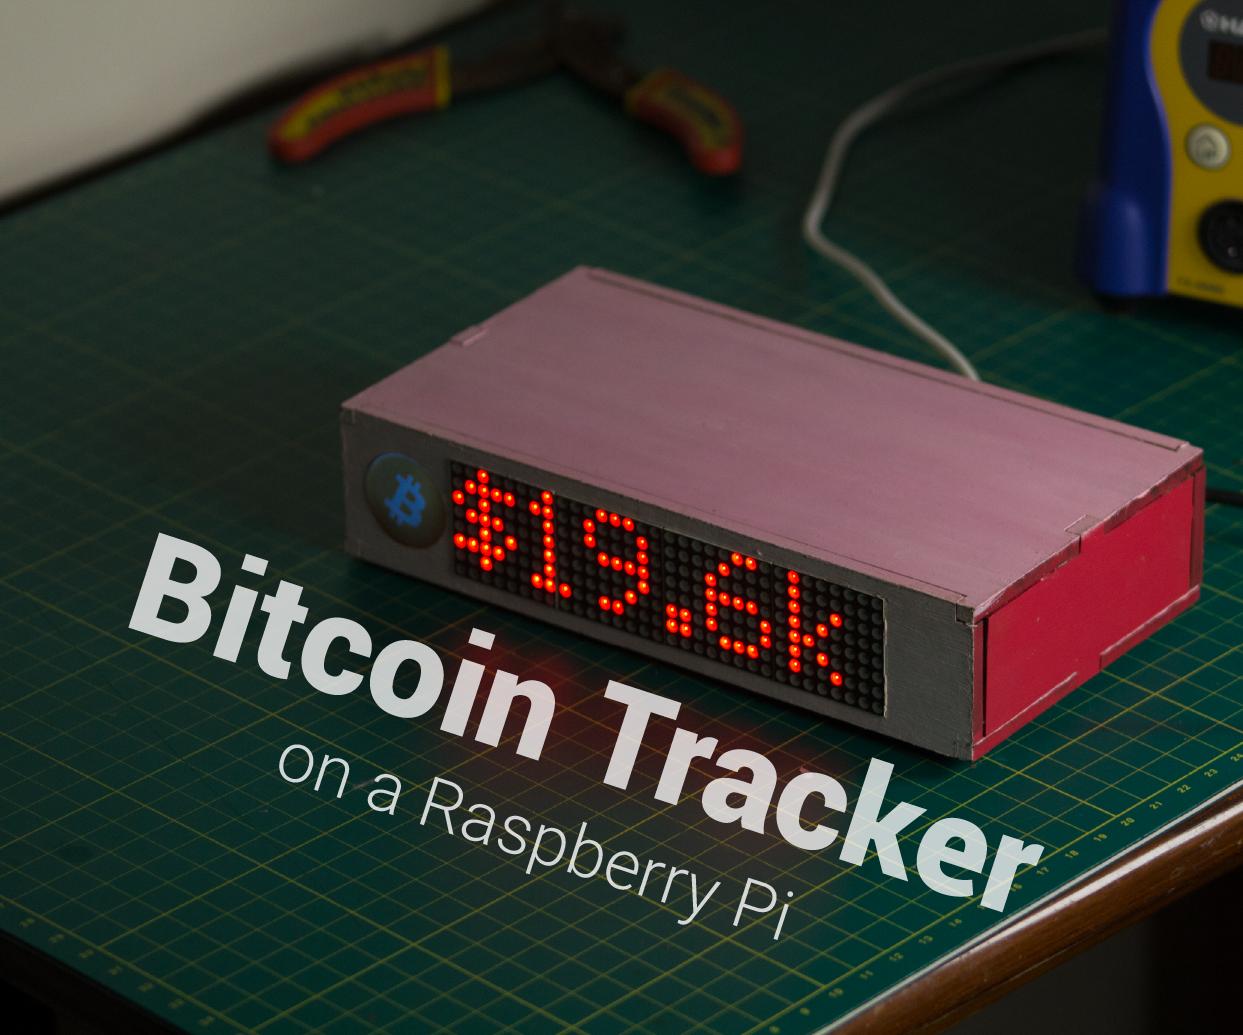 bitcoin kasyba raspberry pi 3)